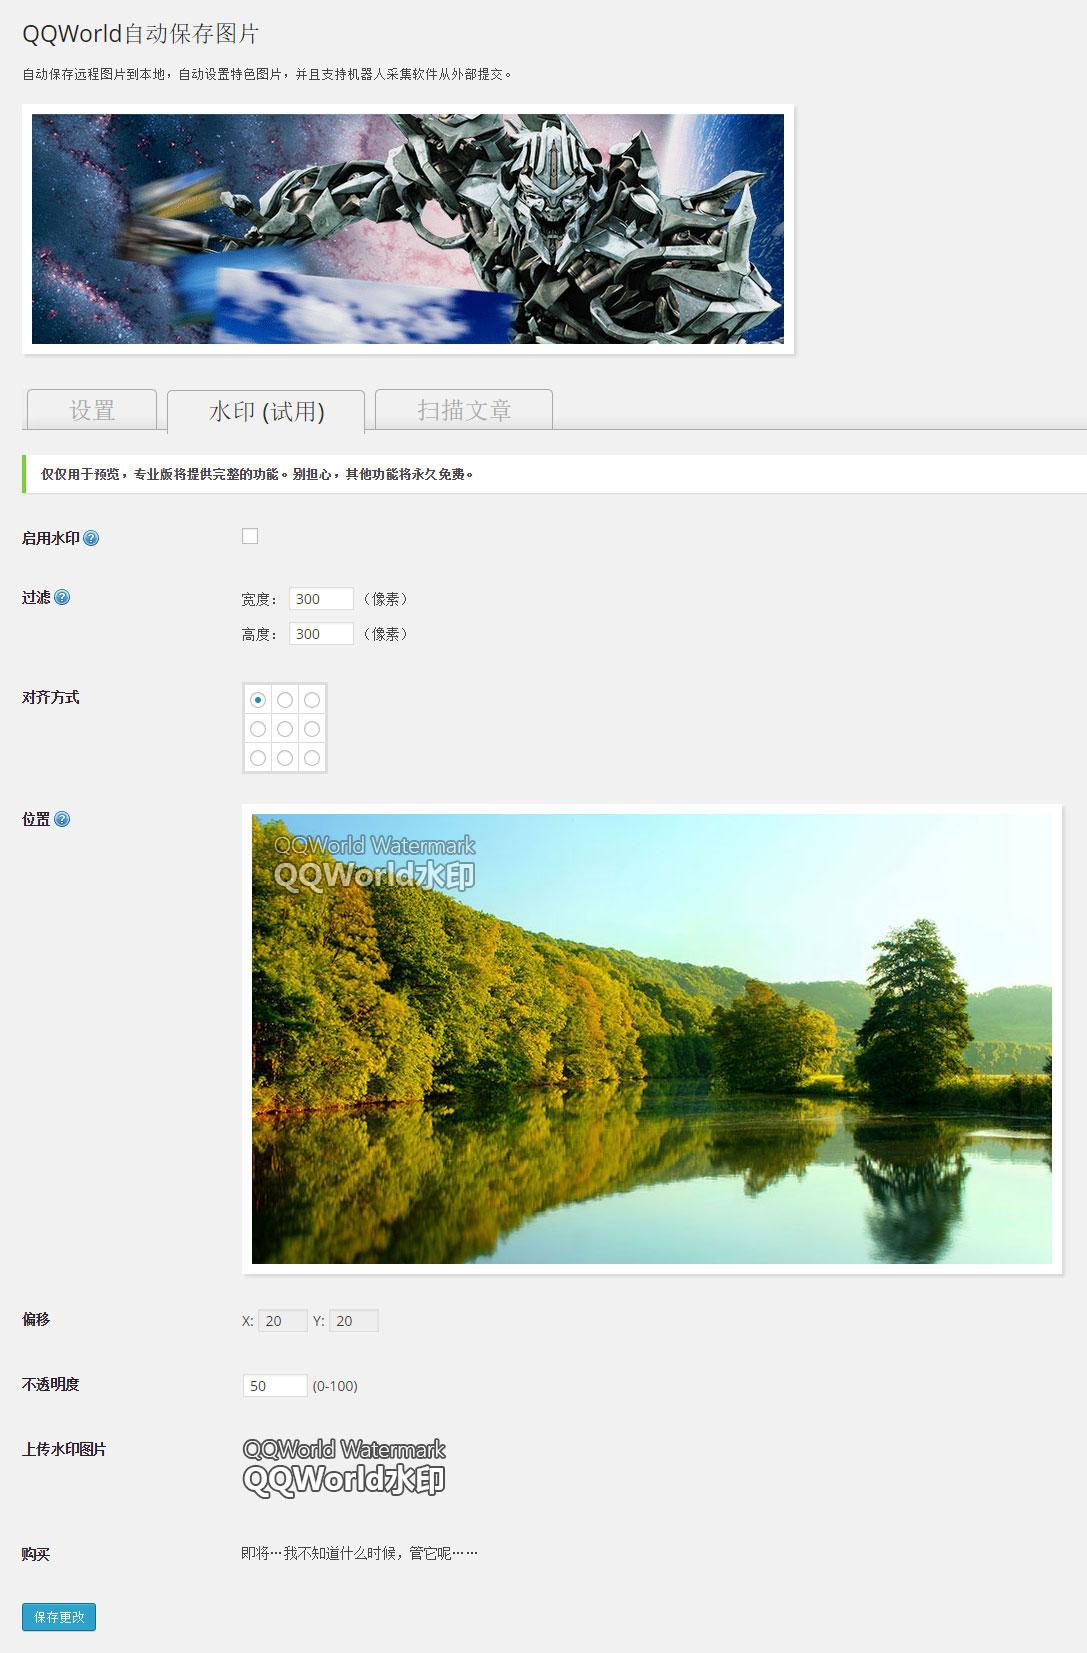 用户界面 - 水印功能预览